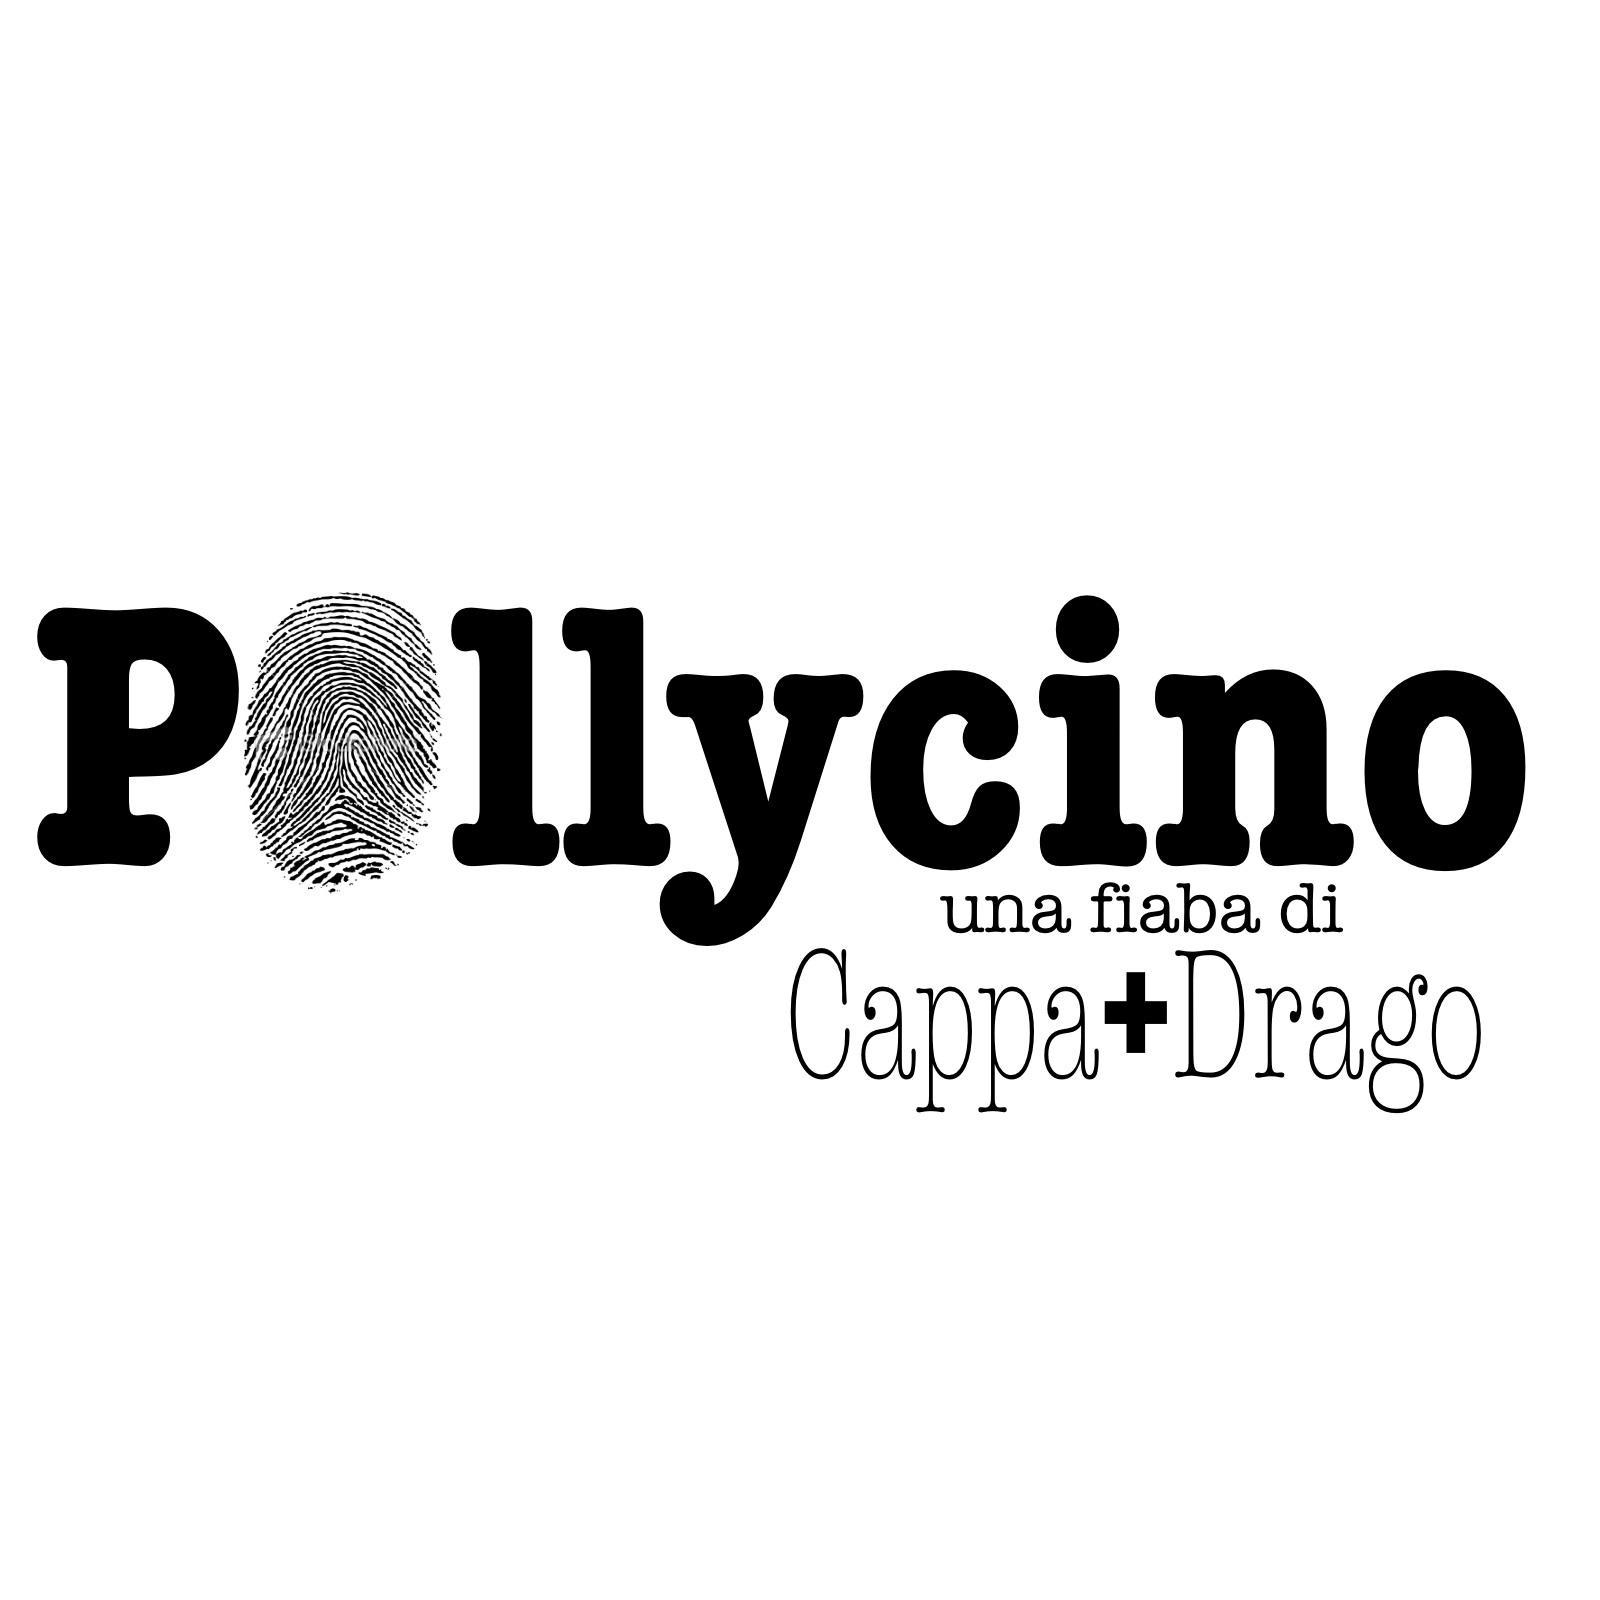 <span>Pollycino</span>